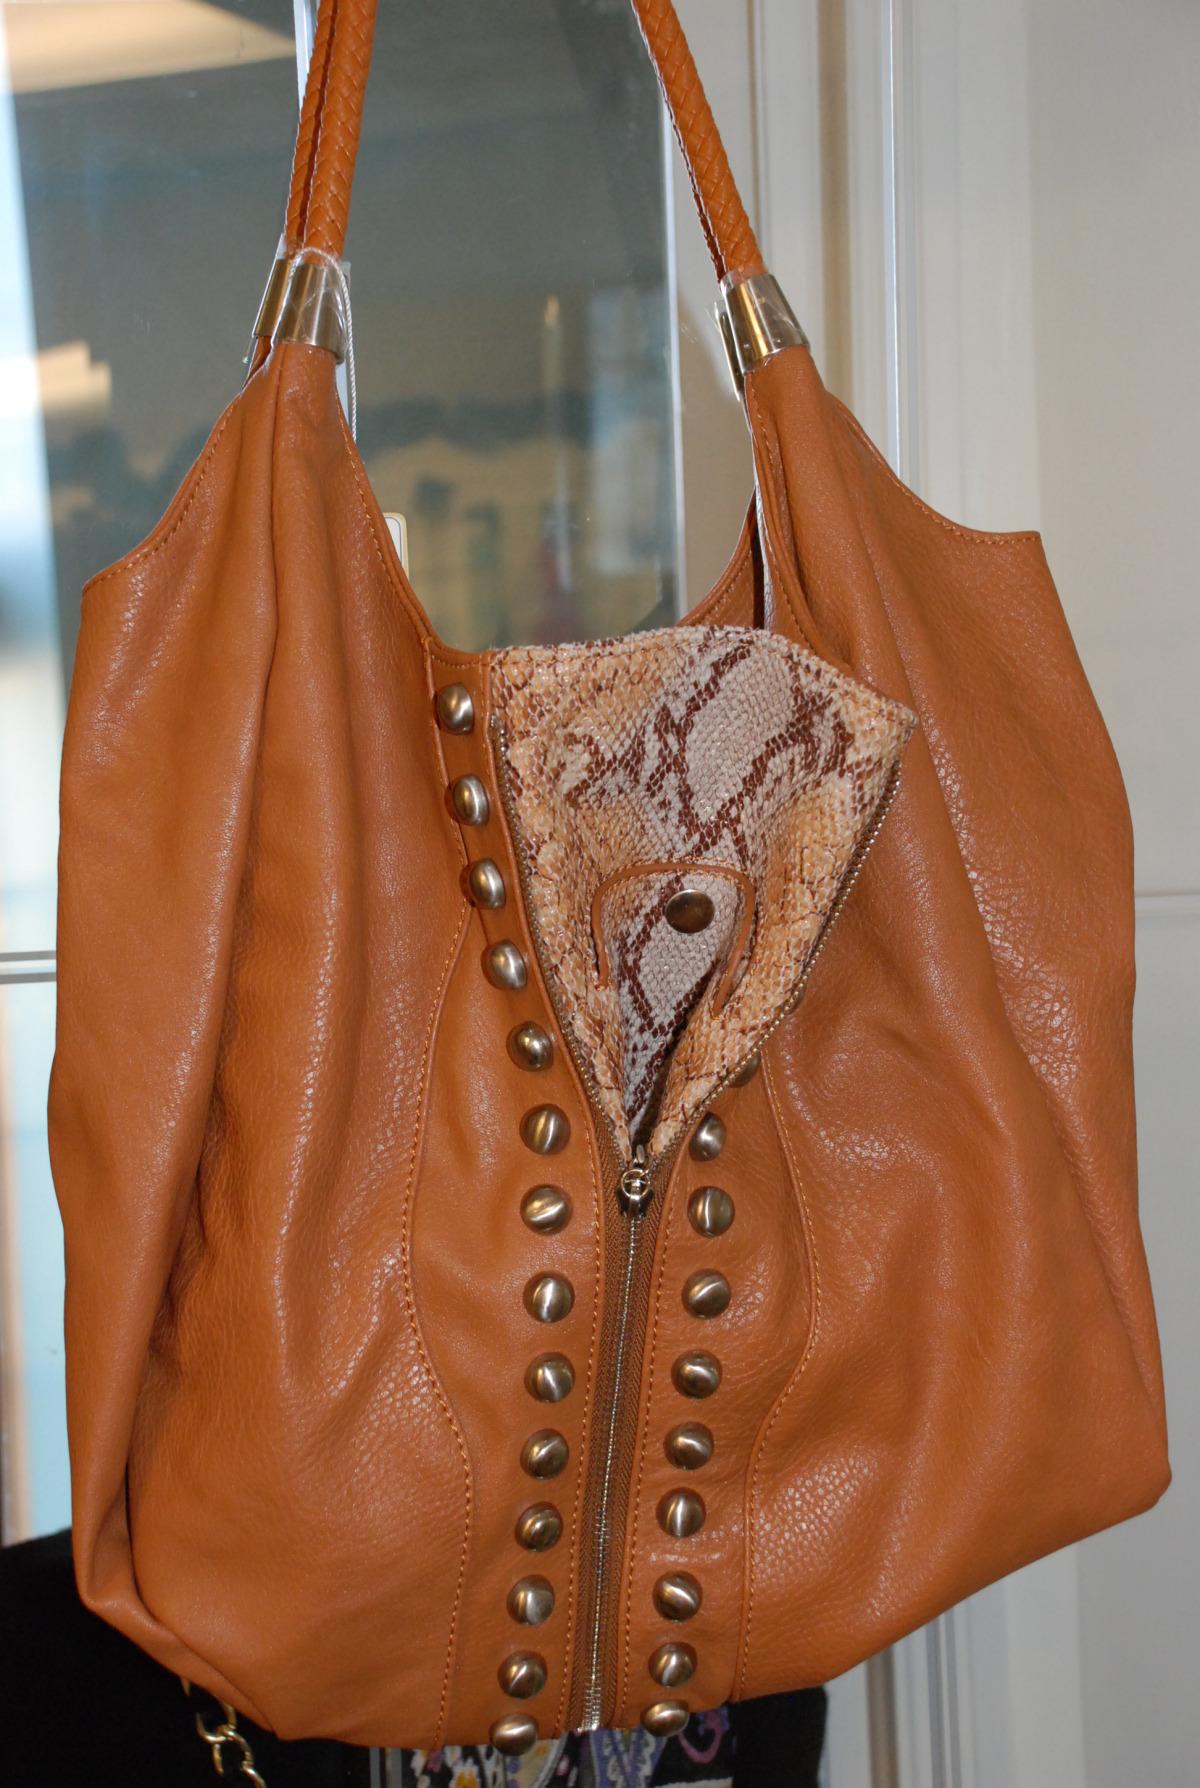 samoe style designer expandable bag, closed.jpg